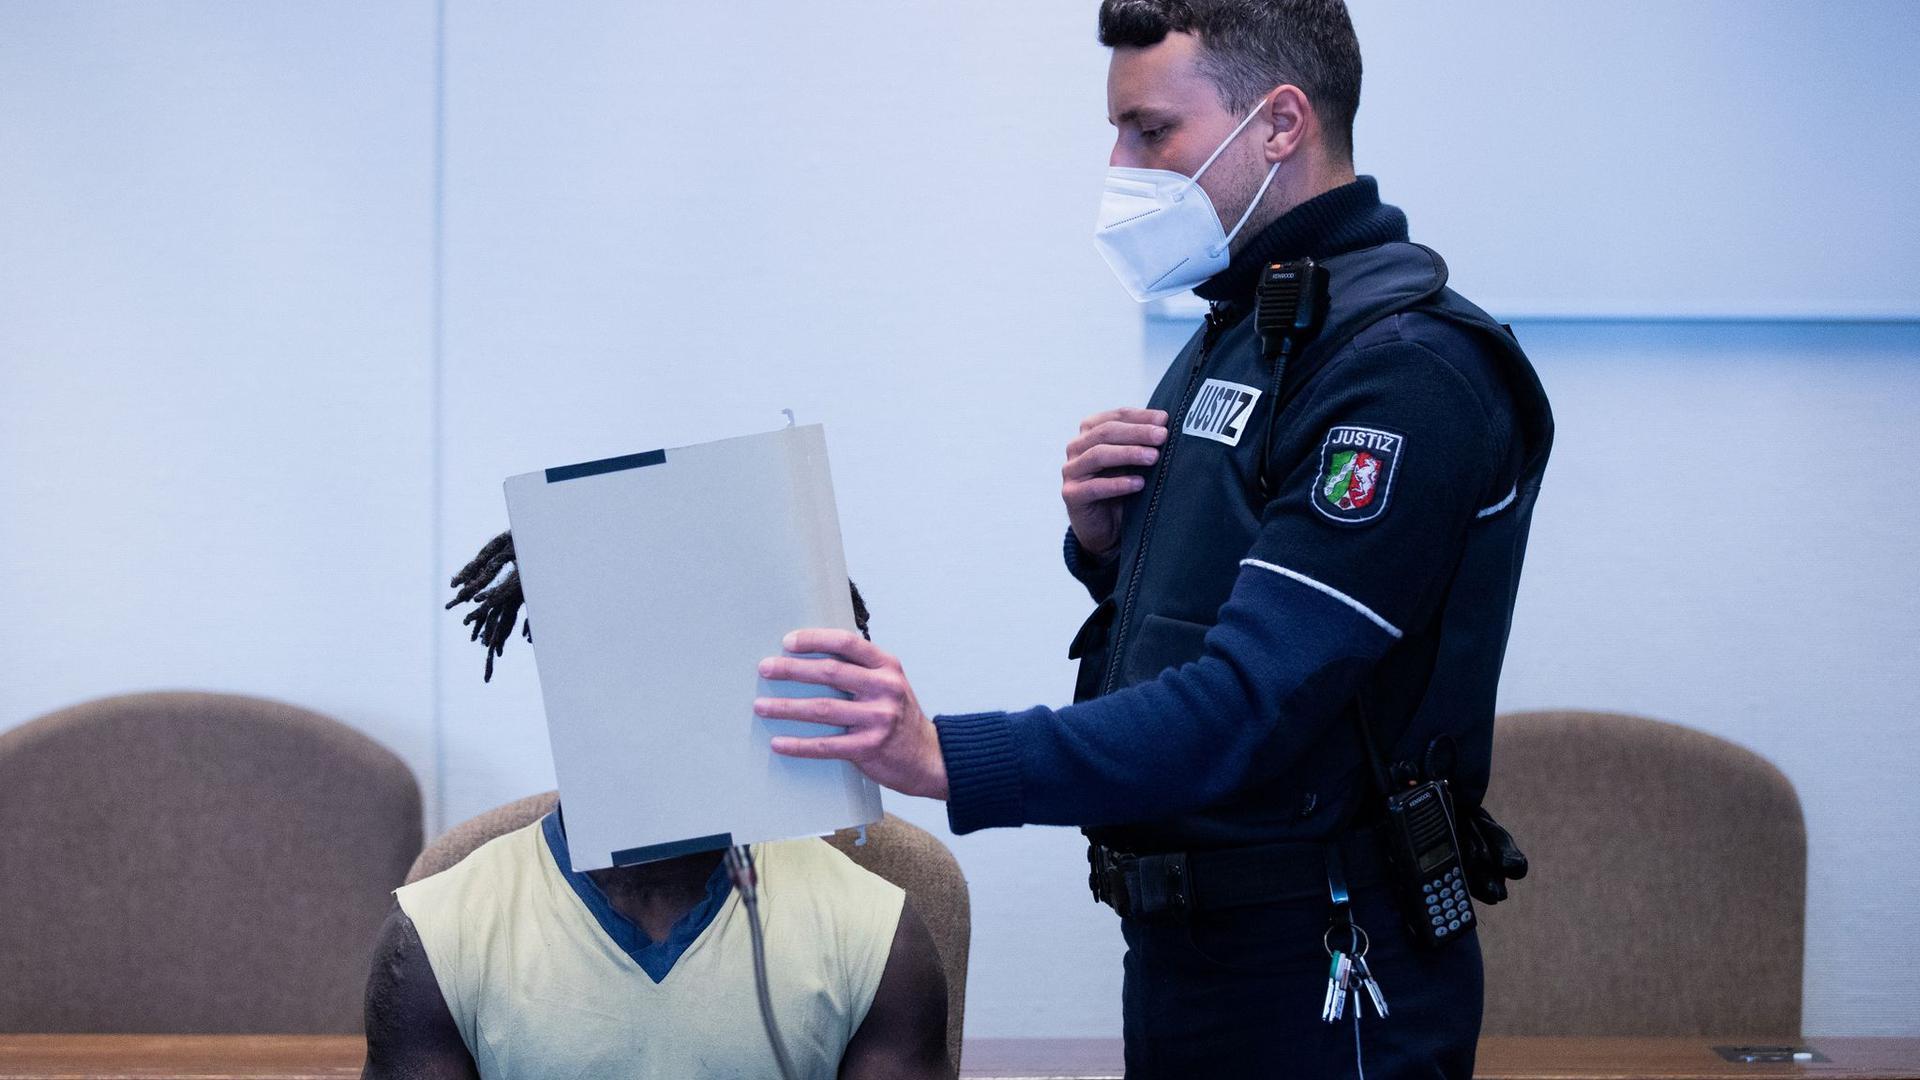 Der Angeklagte wird in Handschellen in einen Gerichtssaal im Landgericht Köln geführt.